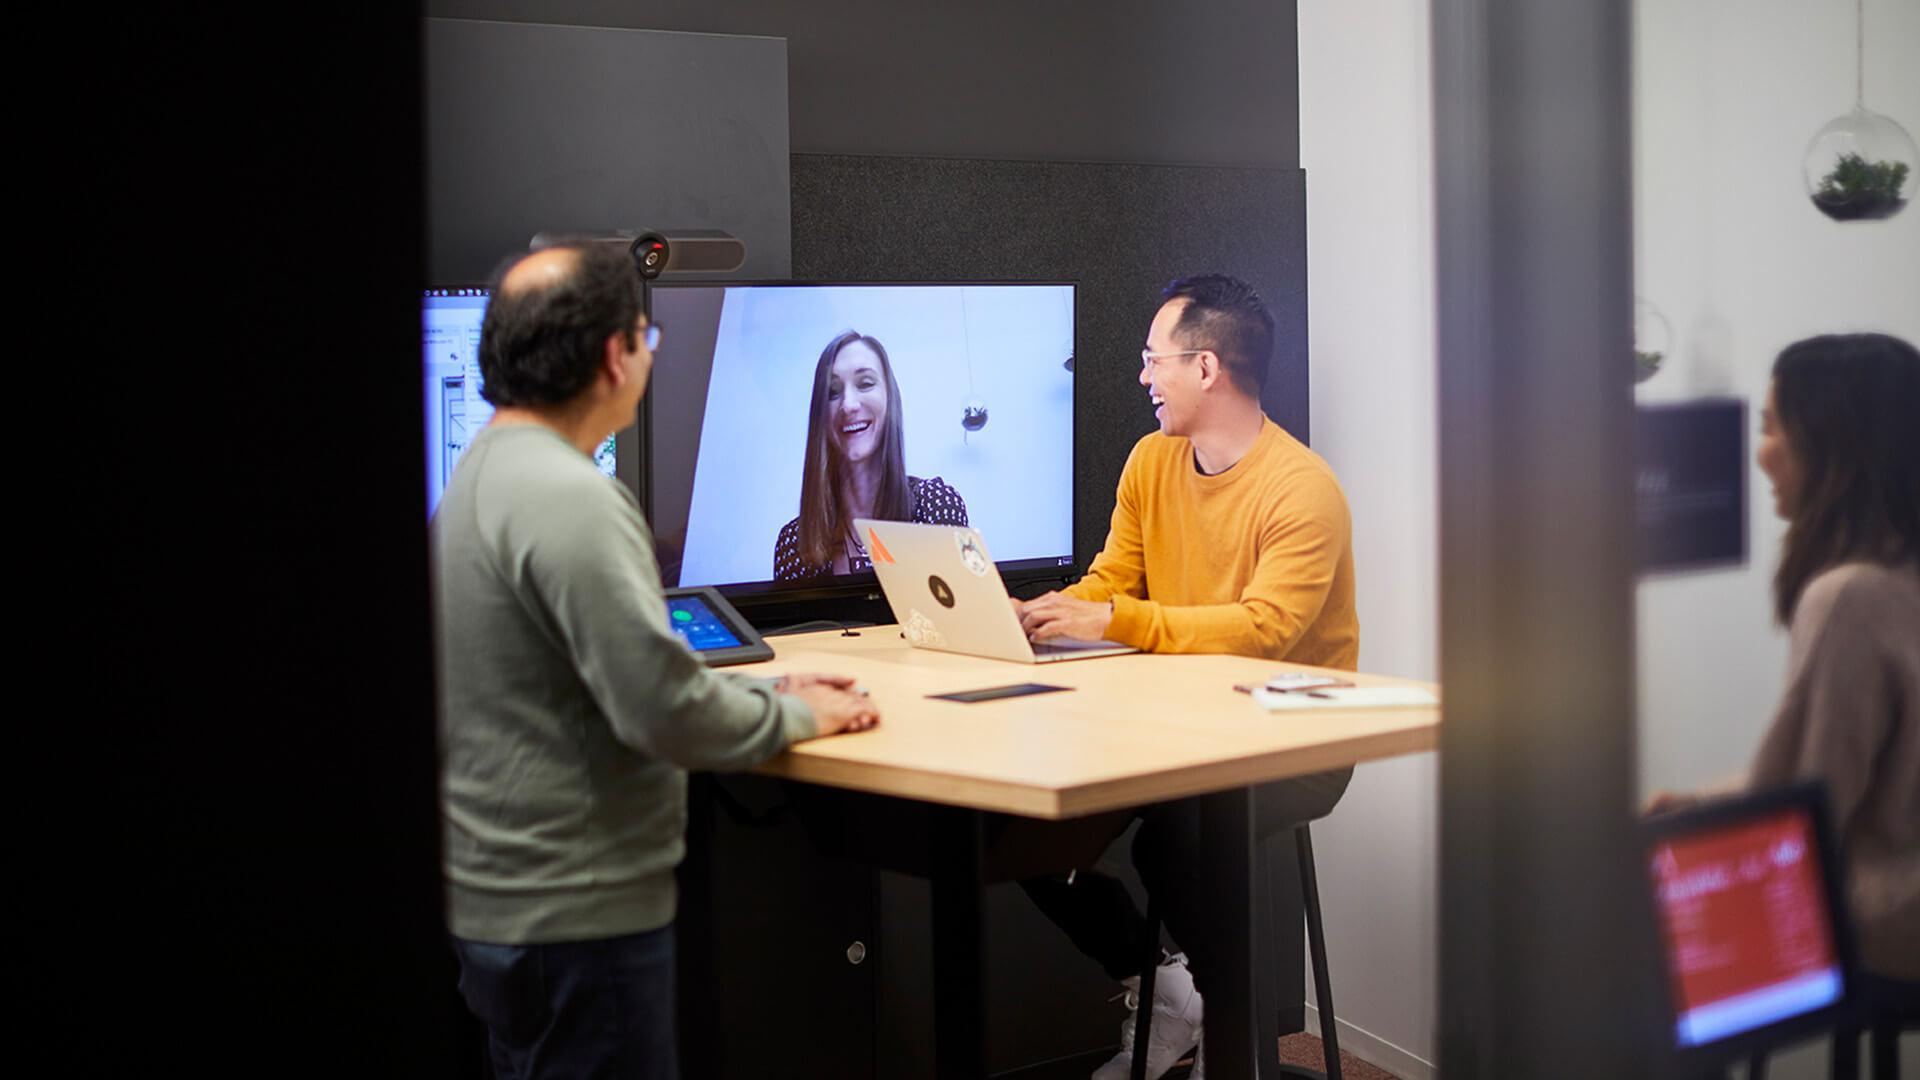 Общение участников команды в видеочате